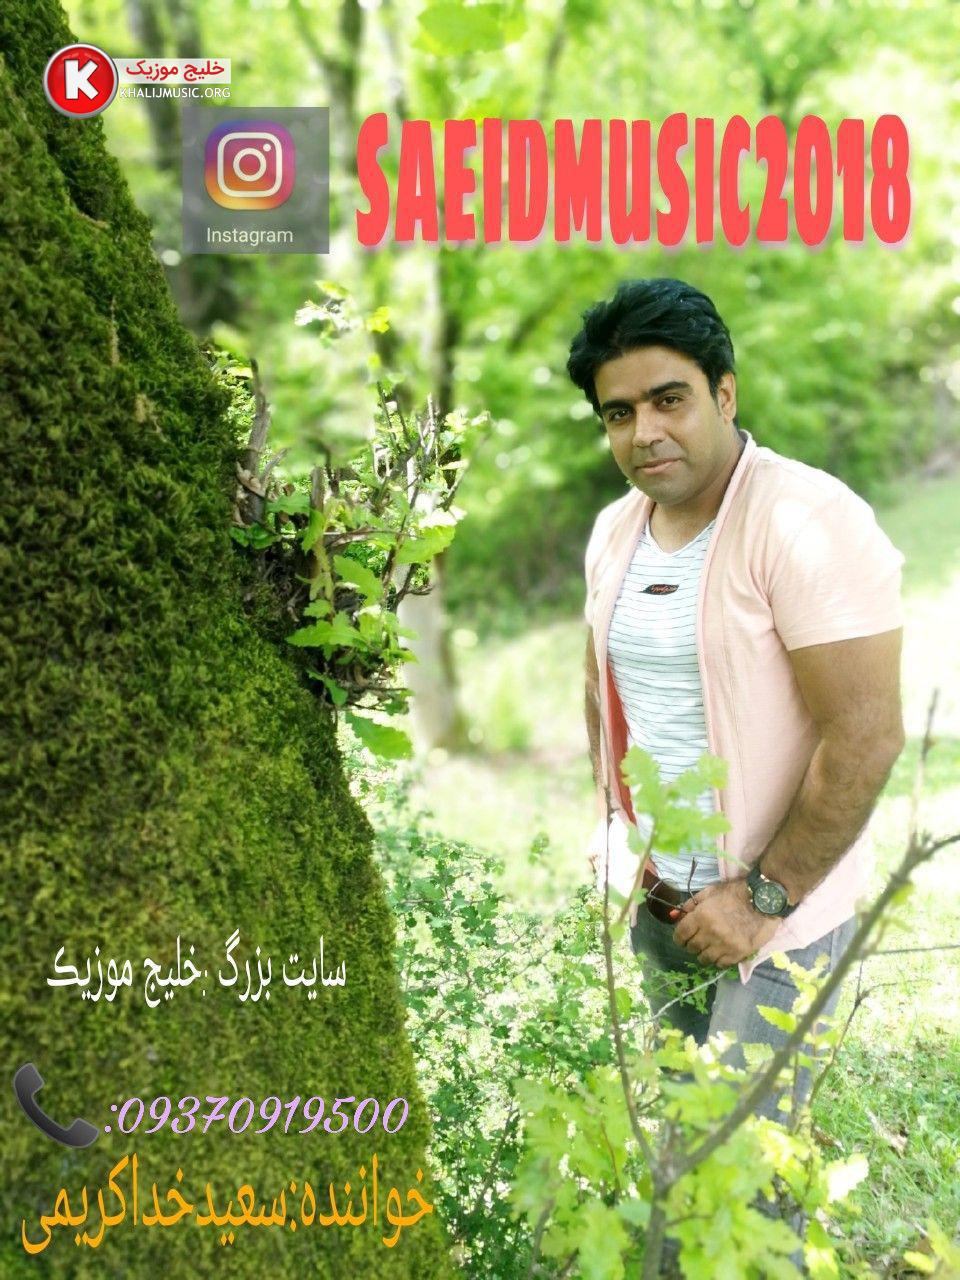 سعید خدا کریمی  آهنگ جدید اجرای زنده و بسیار زیبا و شنیدنی بصورت حفله